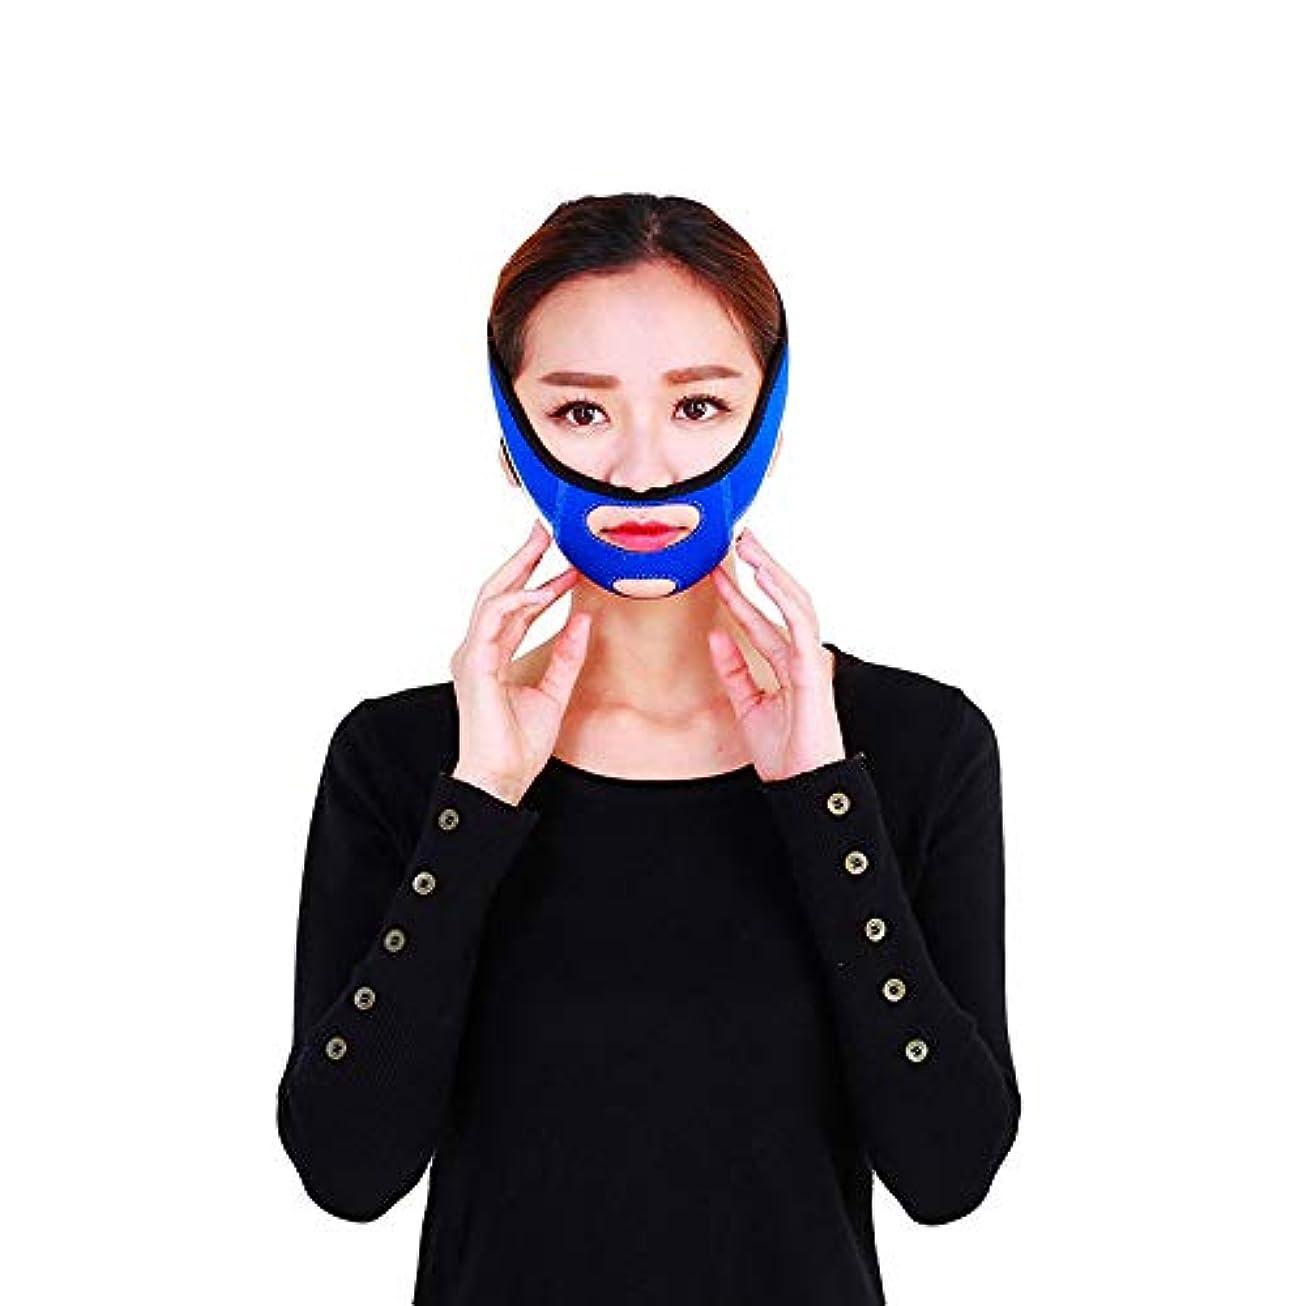 発見する合体大腿Minmin フェイシャルリフティング痩身ベルトフェーススリム二重あごを取り除くアンチエイジングリンクルフェイス包帯マスク整形マスクが顔を引き締める みんみんVラインフェイスマスク